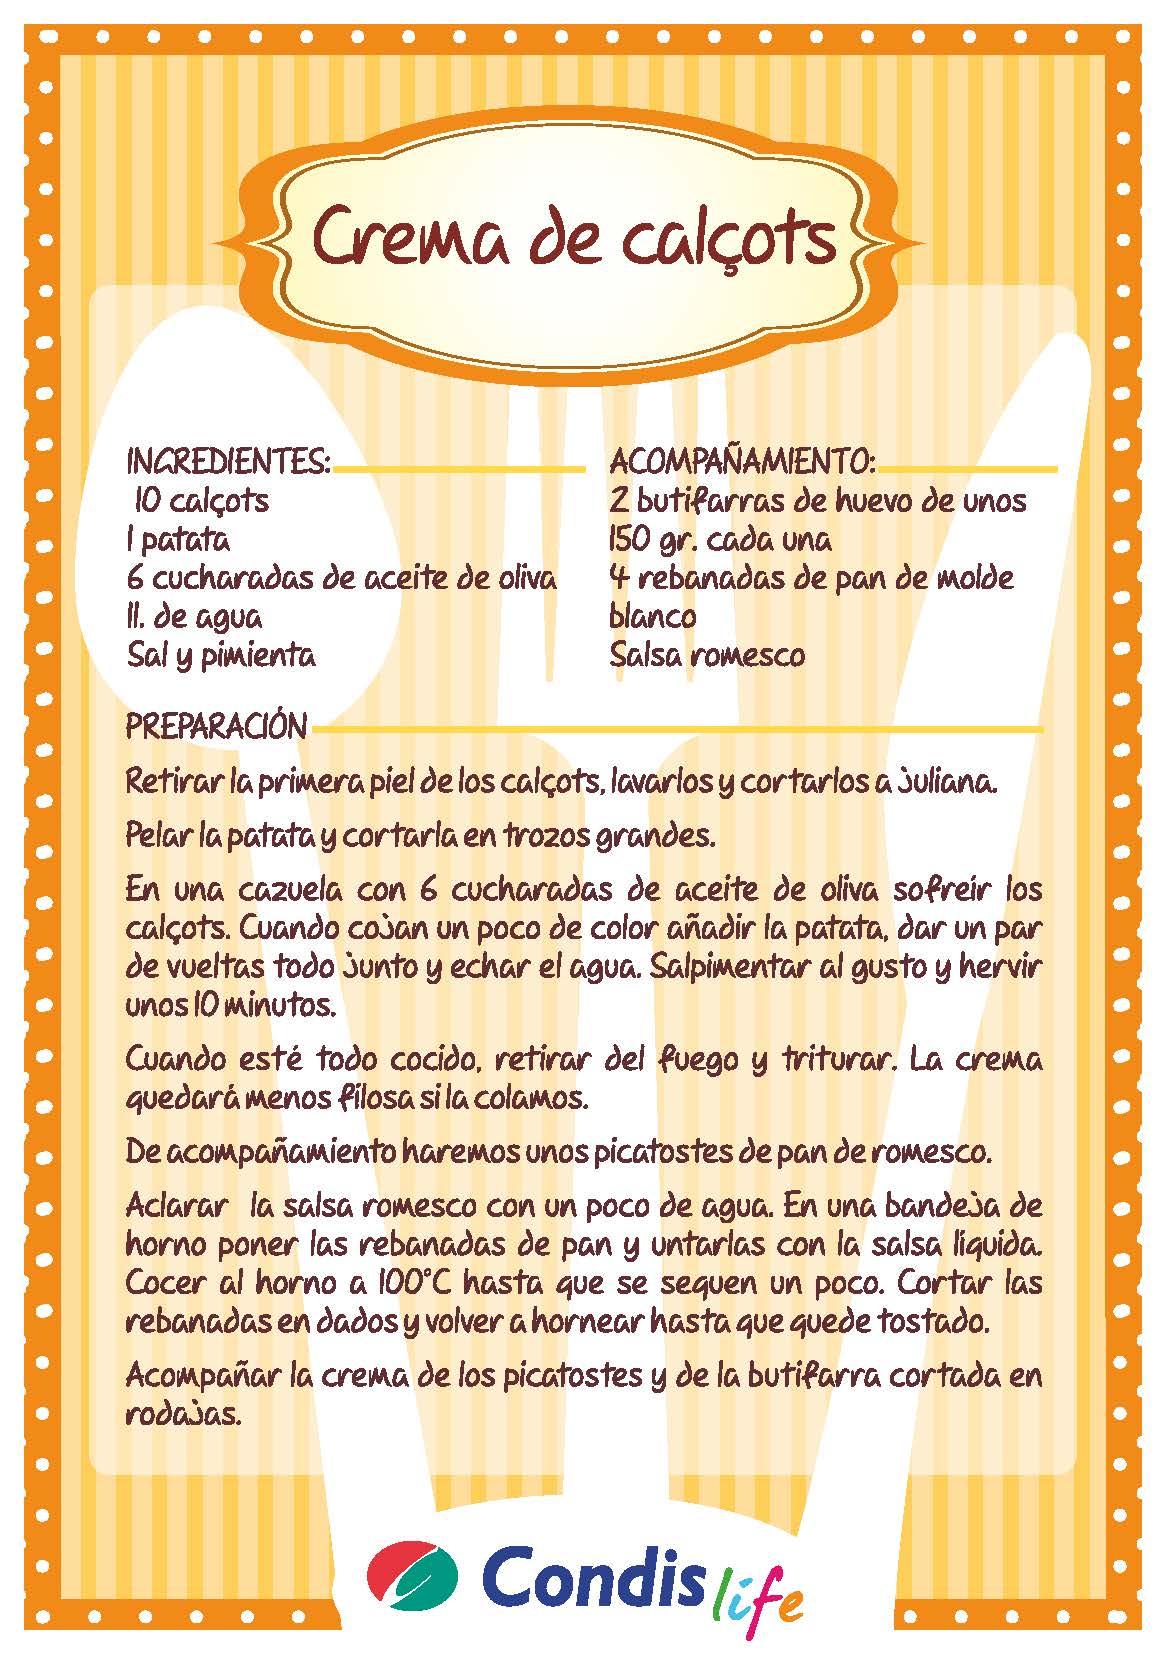 CondisRecetasTallerCalçots_Página_3